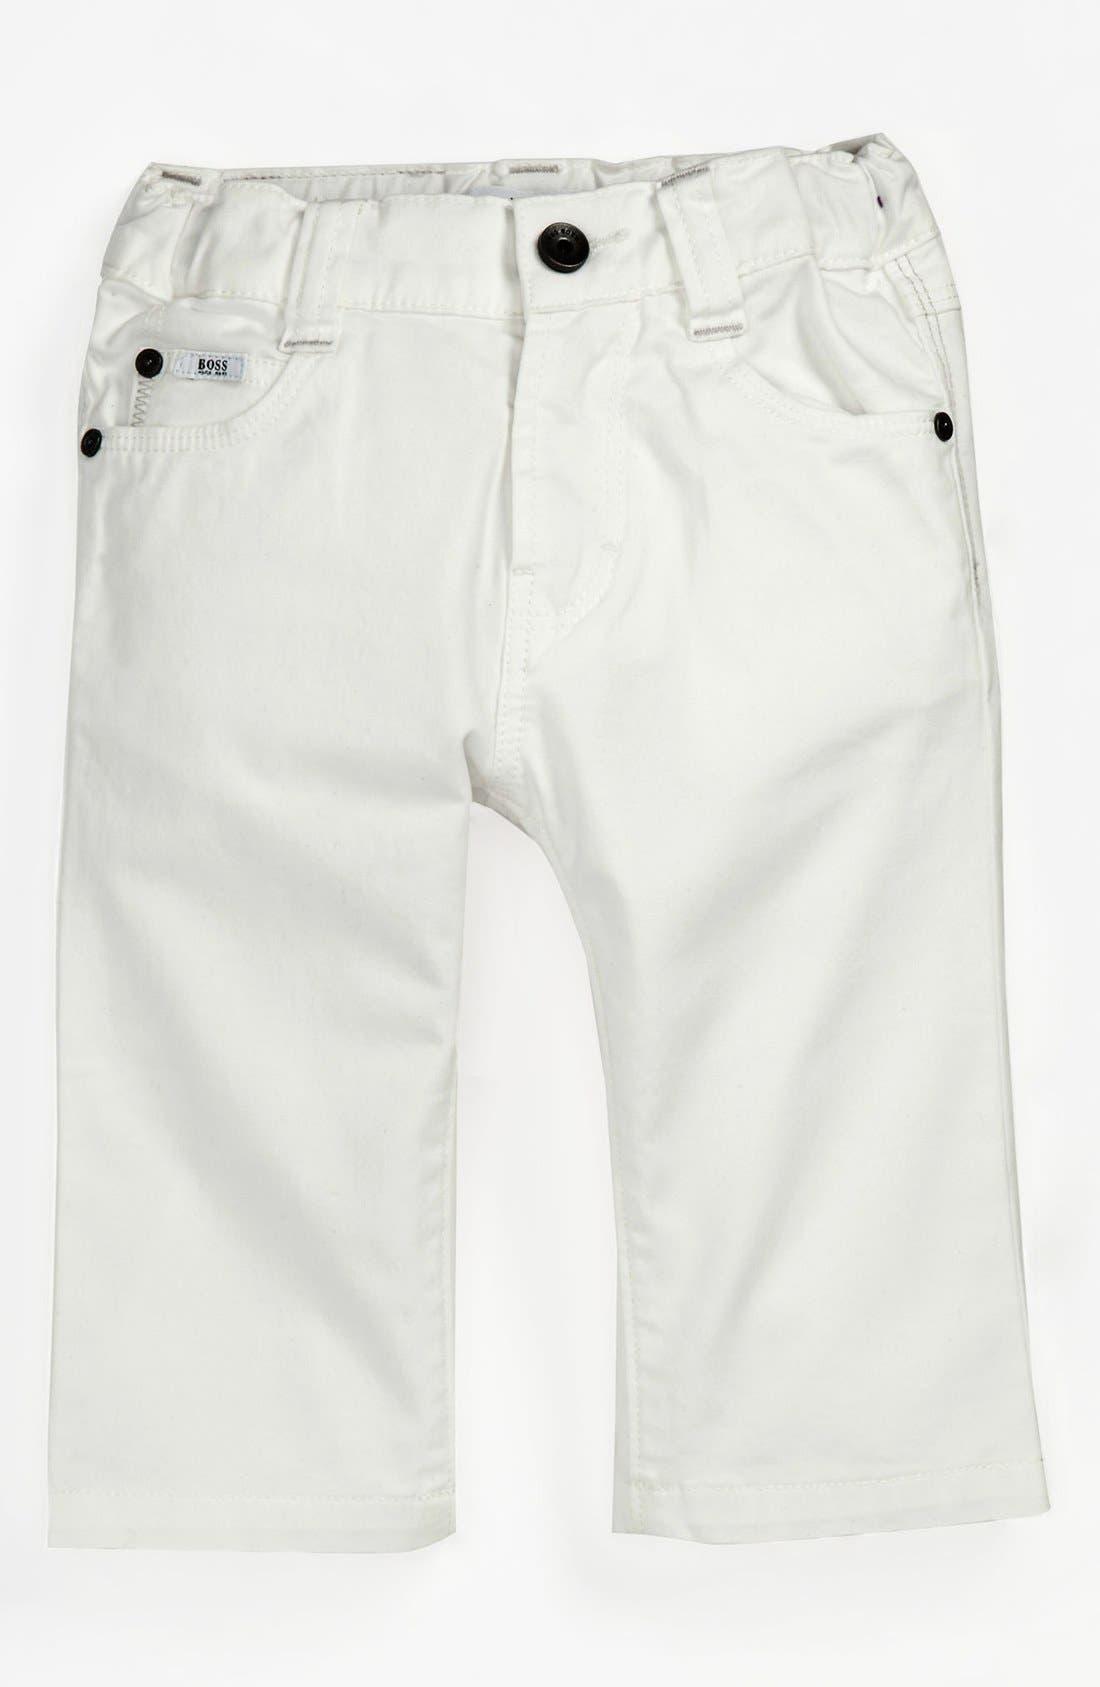 Main Image - BOSS Kidswear Twill Pants (Baby)